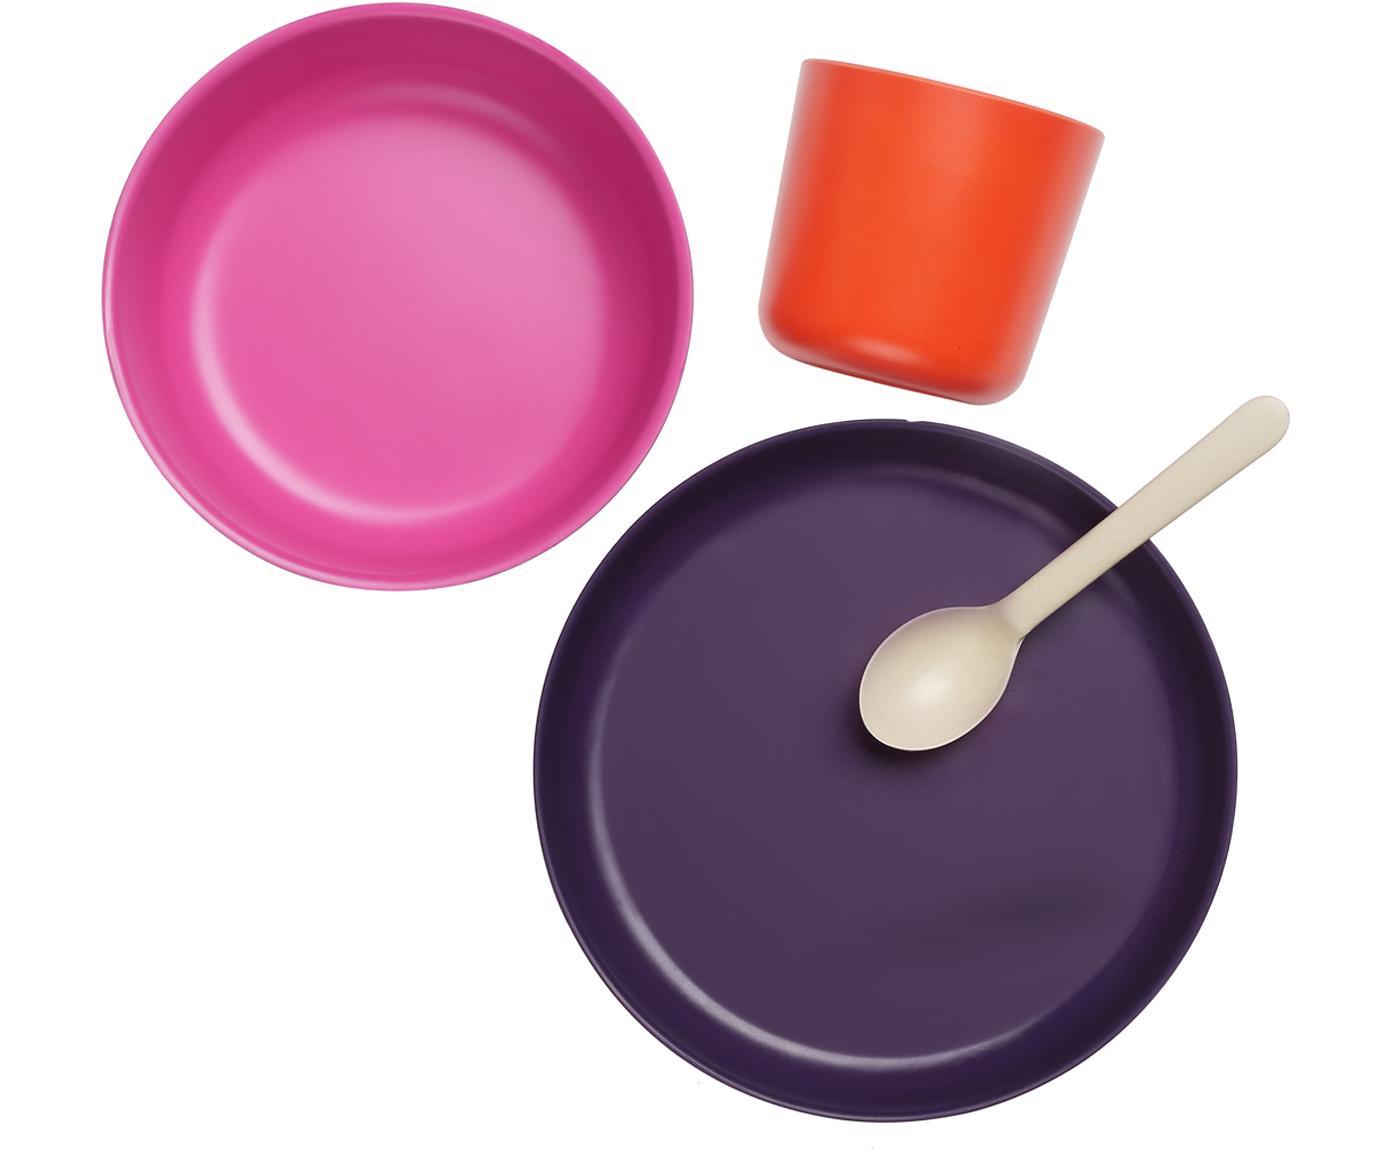 Set de desayuno Ume, 4pzas., Fibras de bambú, melamina, apto para alimentos Libre de BPA, PVC y ftalatos, Violeta, rosa, rojo, blanco crema, Tamaños diferentes